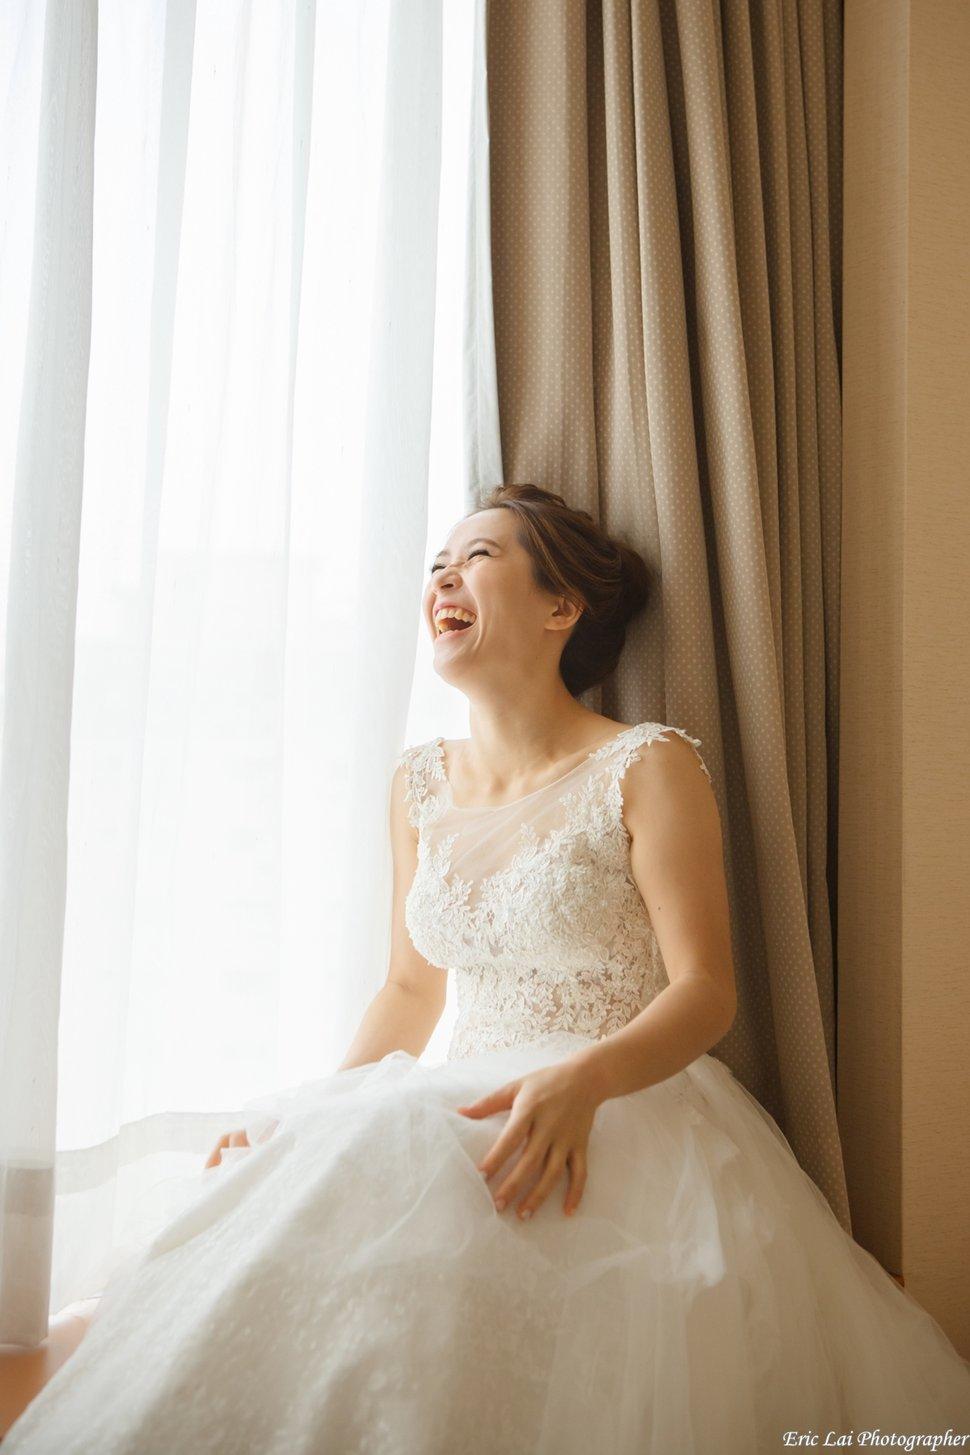 結婚儀式+喜宴 桃園囍宴軒(編號:400307) - Eric Lai攝影團隊工作室 - 結婚吧